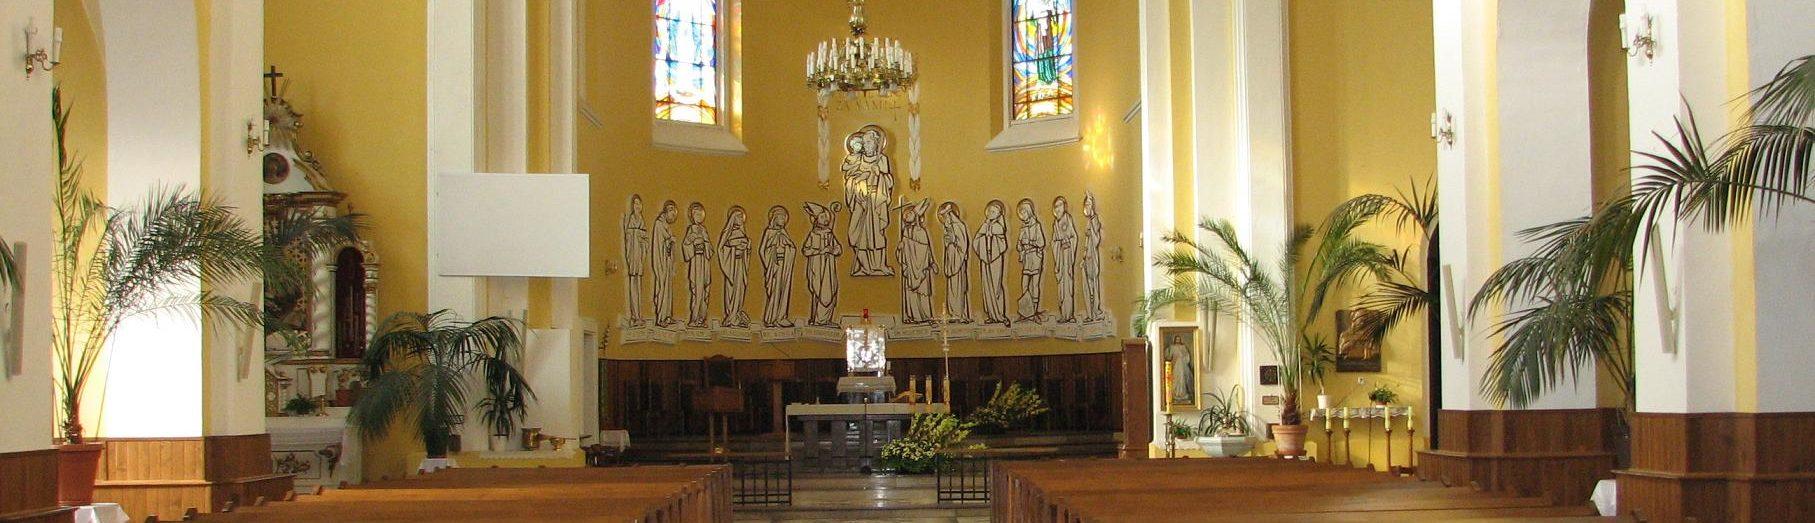 Parafia Św. Józefa w Łodzi-Rudzie